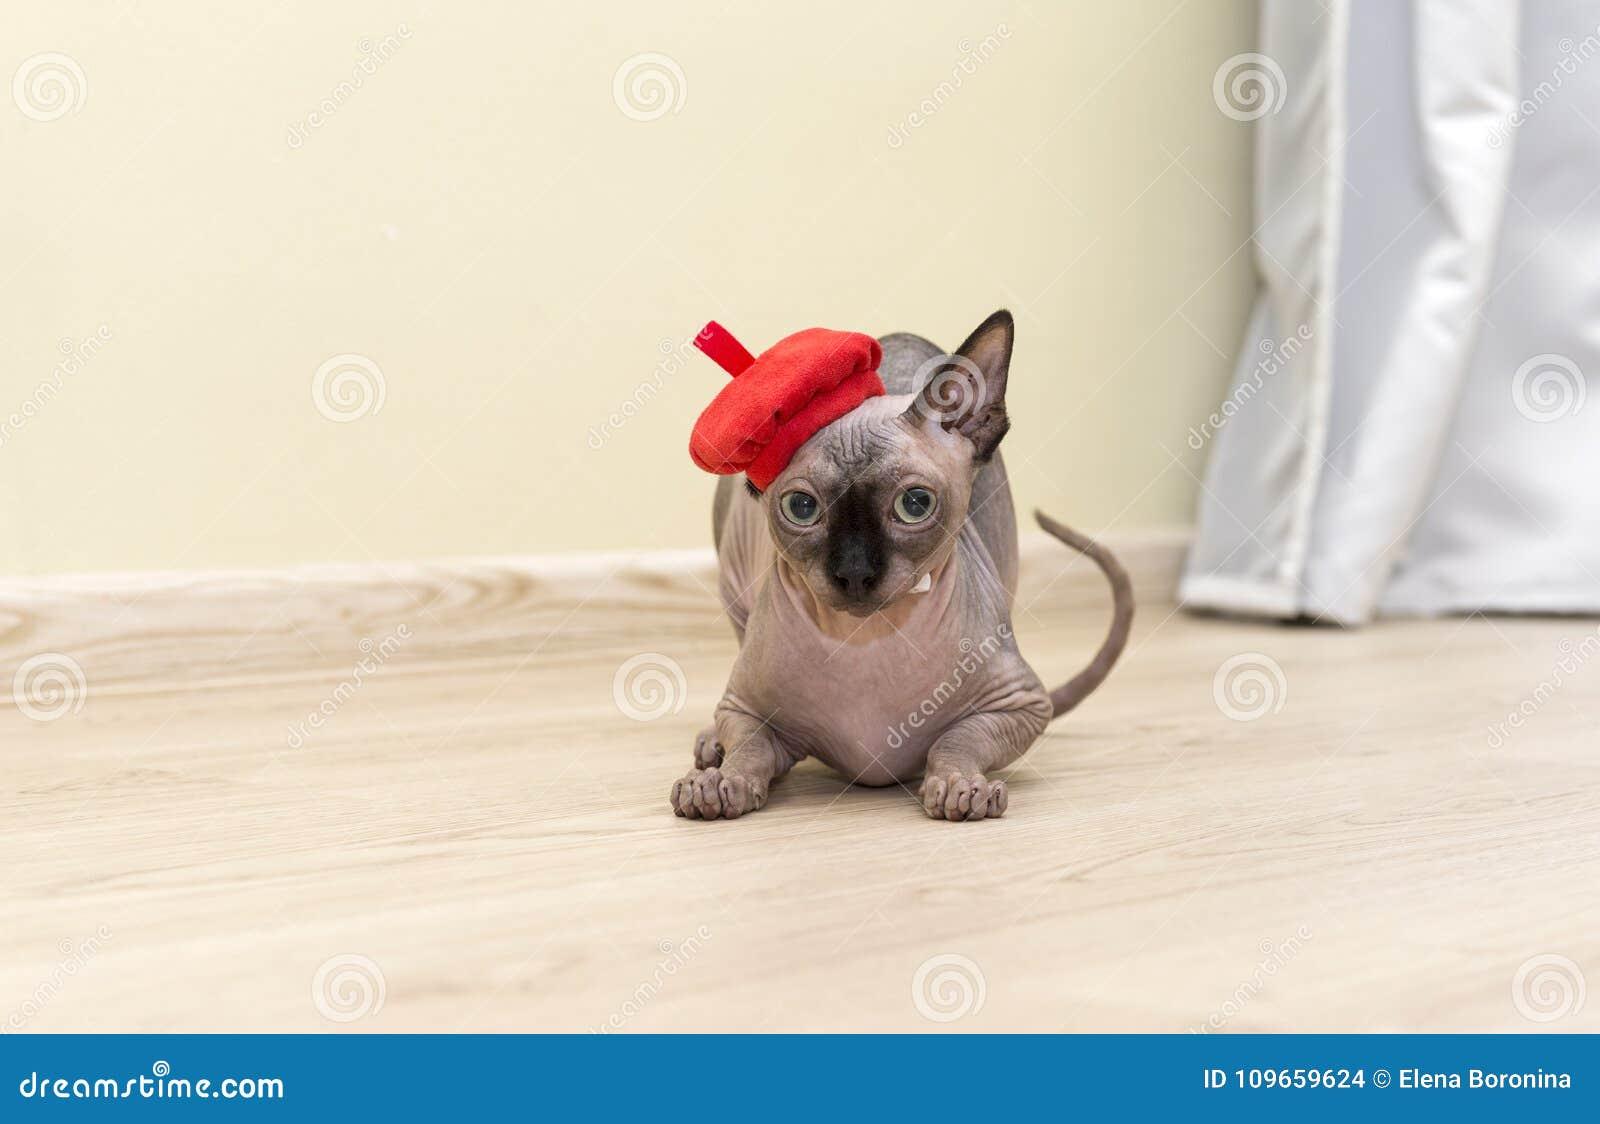 łysy Bezwłosy Kot Kot Traken Kanadyjski Sphynx Siedzi Dalej Zdjęcie